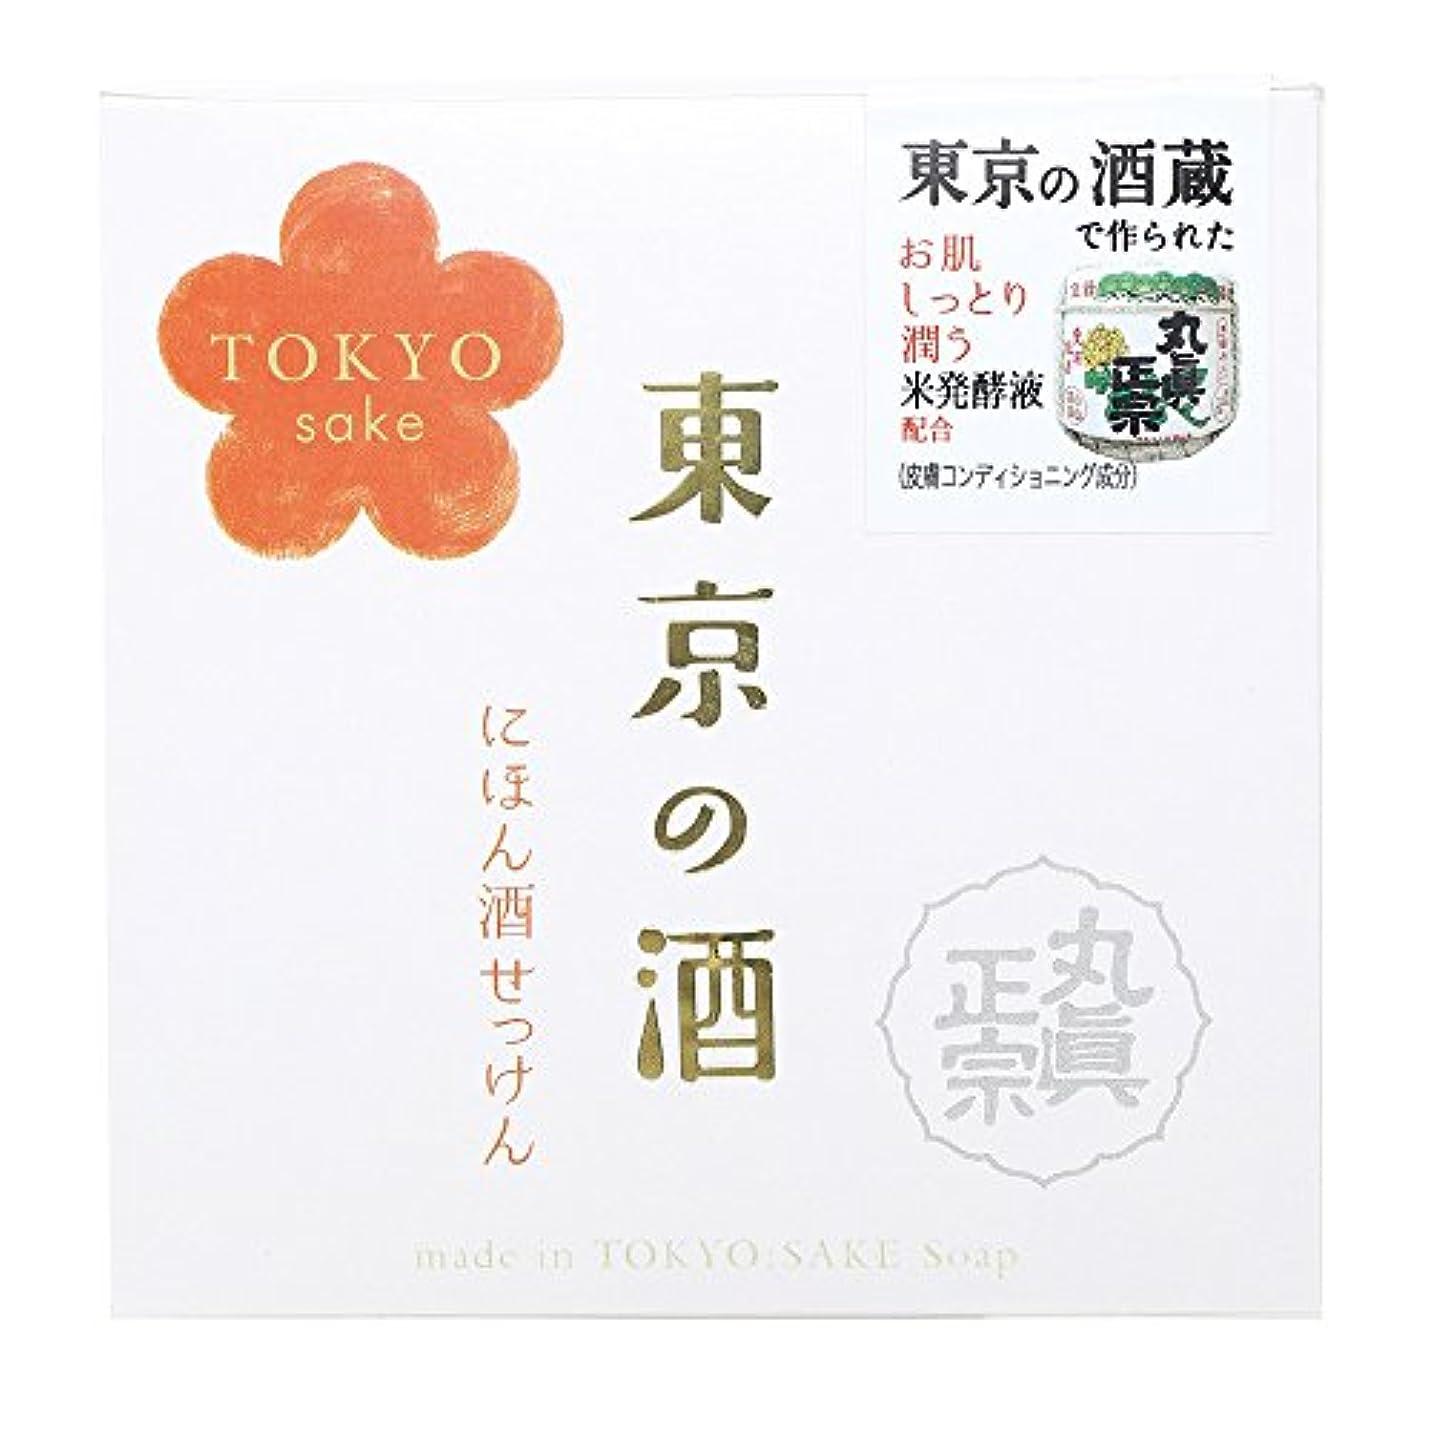 有毒なウッズ忠実にノルコーポレーション 東京の酒 石けん OB-TKY-1-1 100g